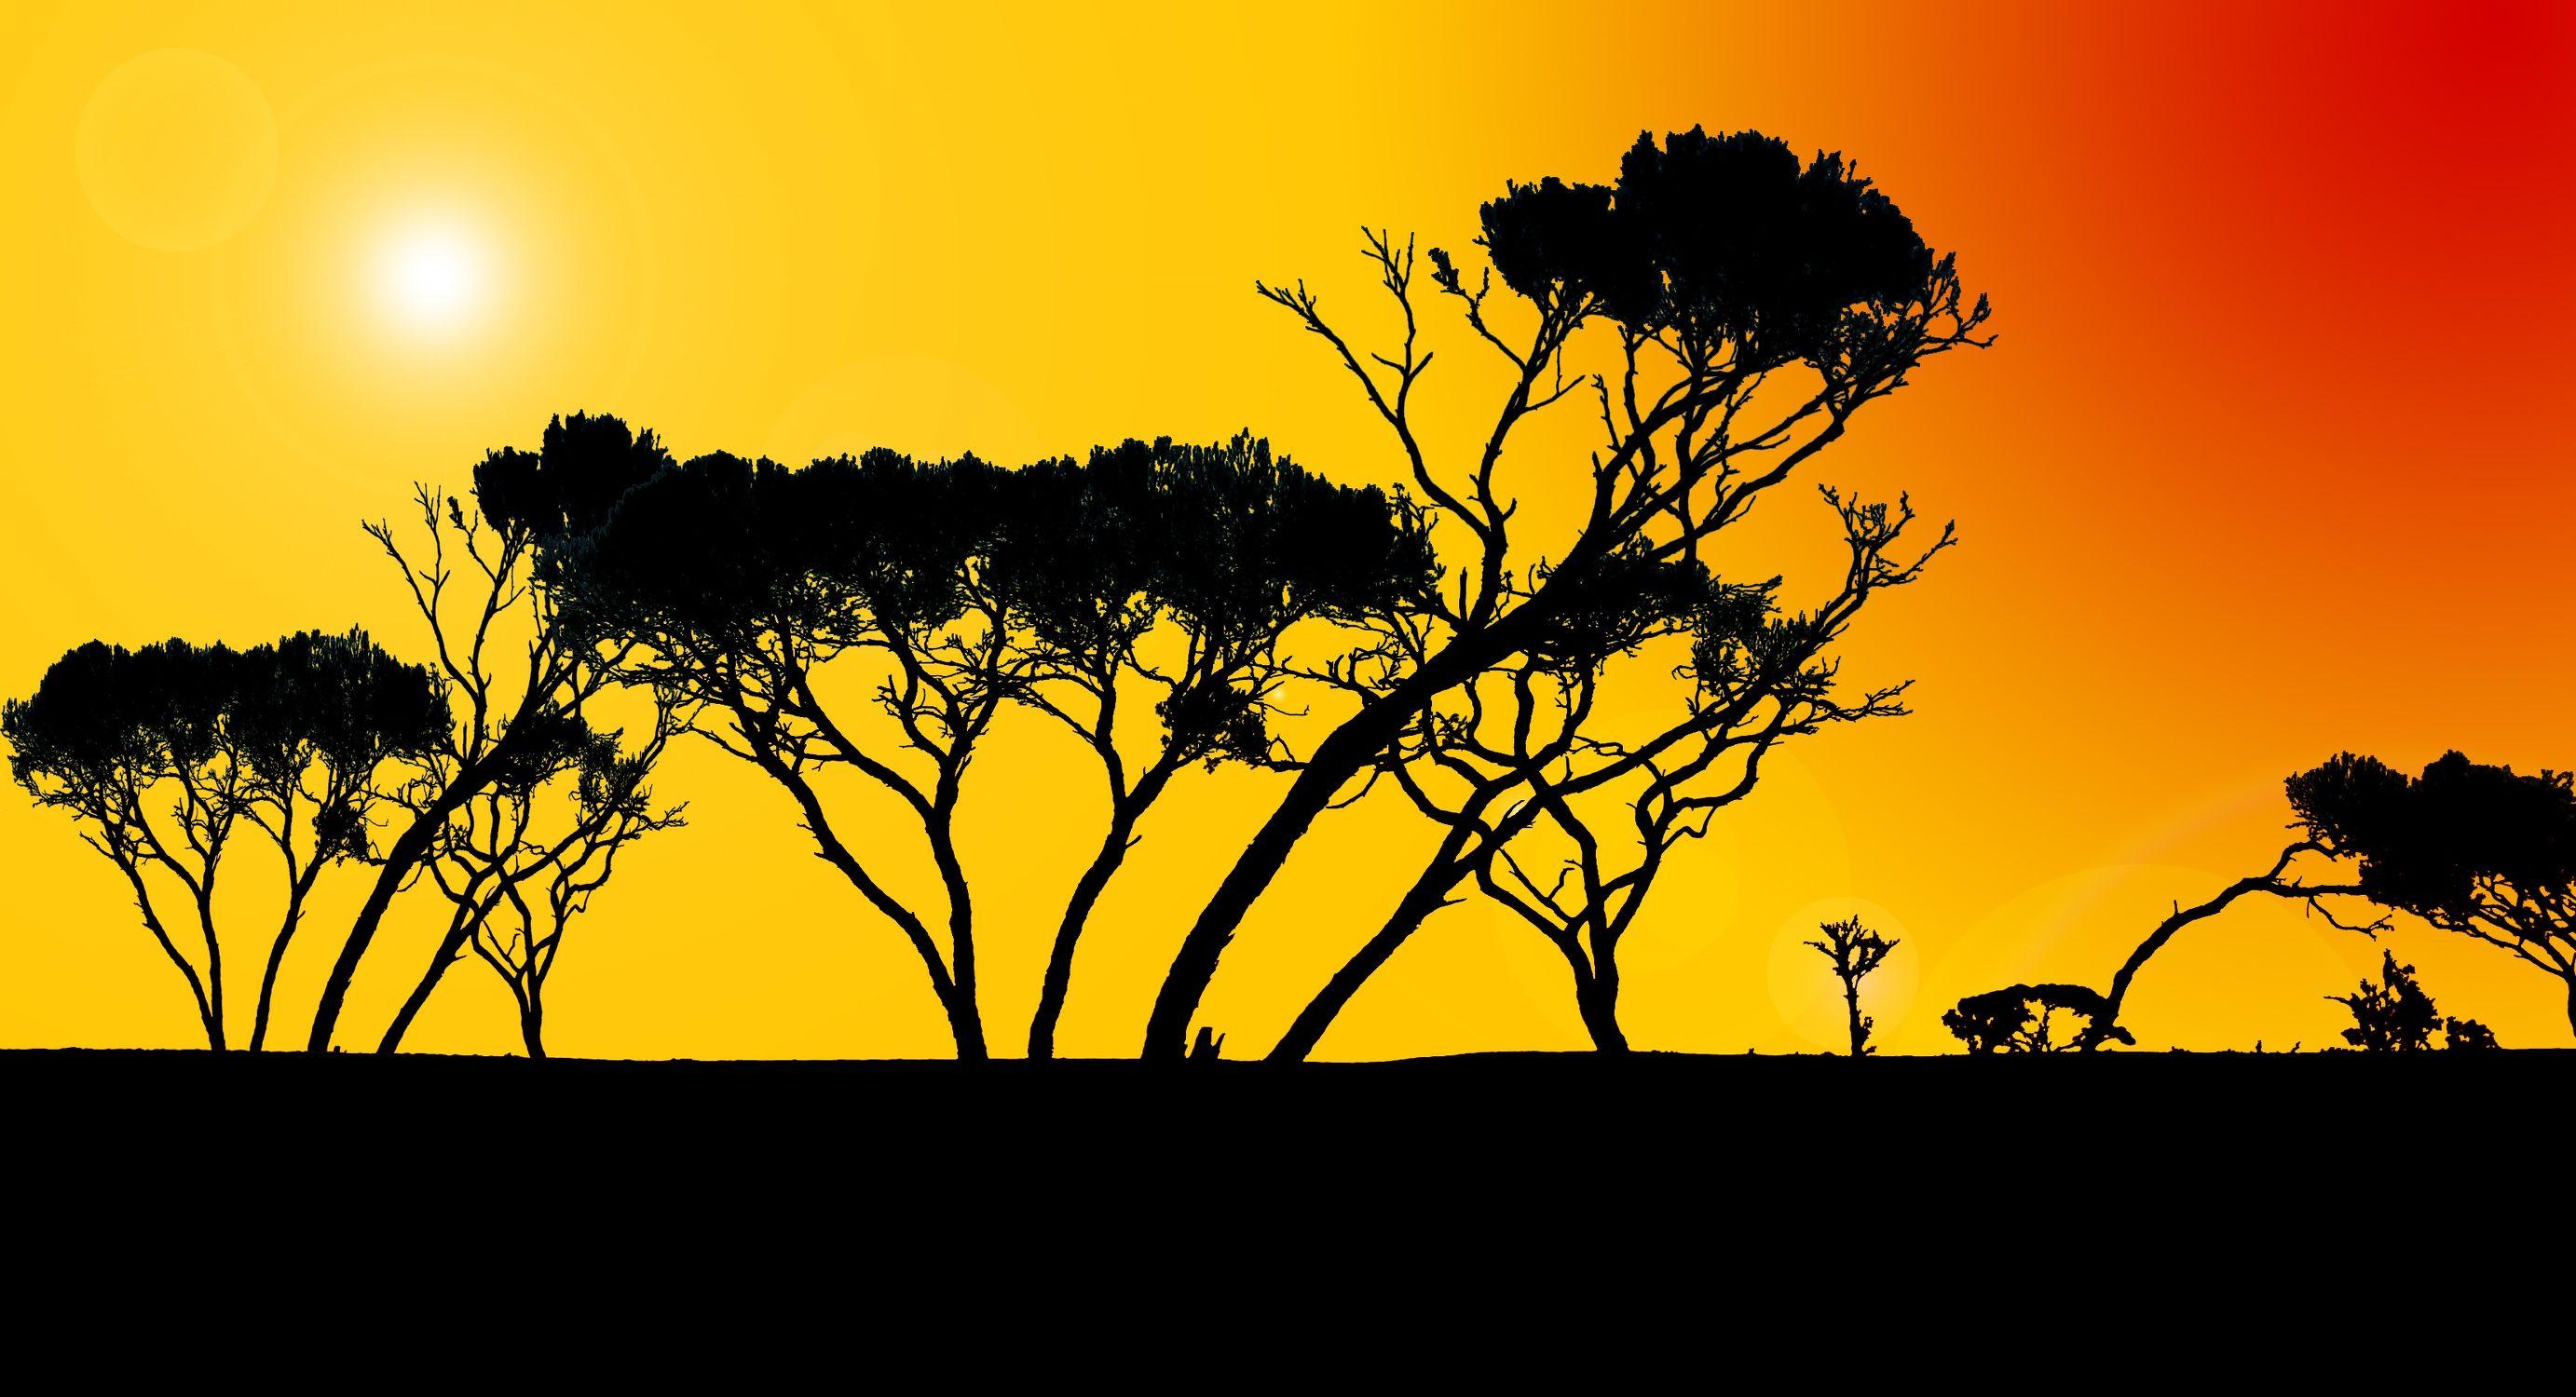 Bild mit Afrika, Illustrationen, Illustration Baum, Baummotiv, african Style